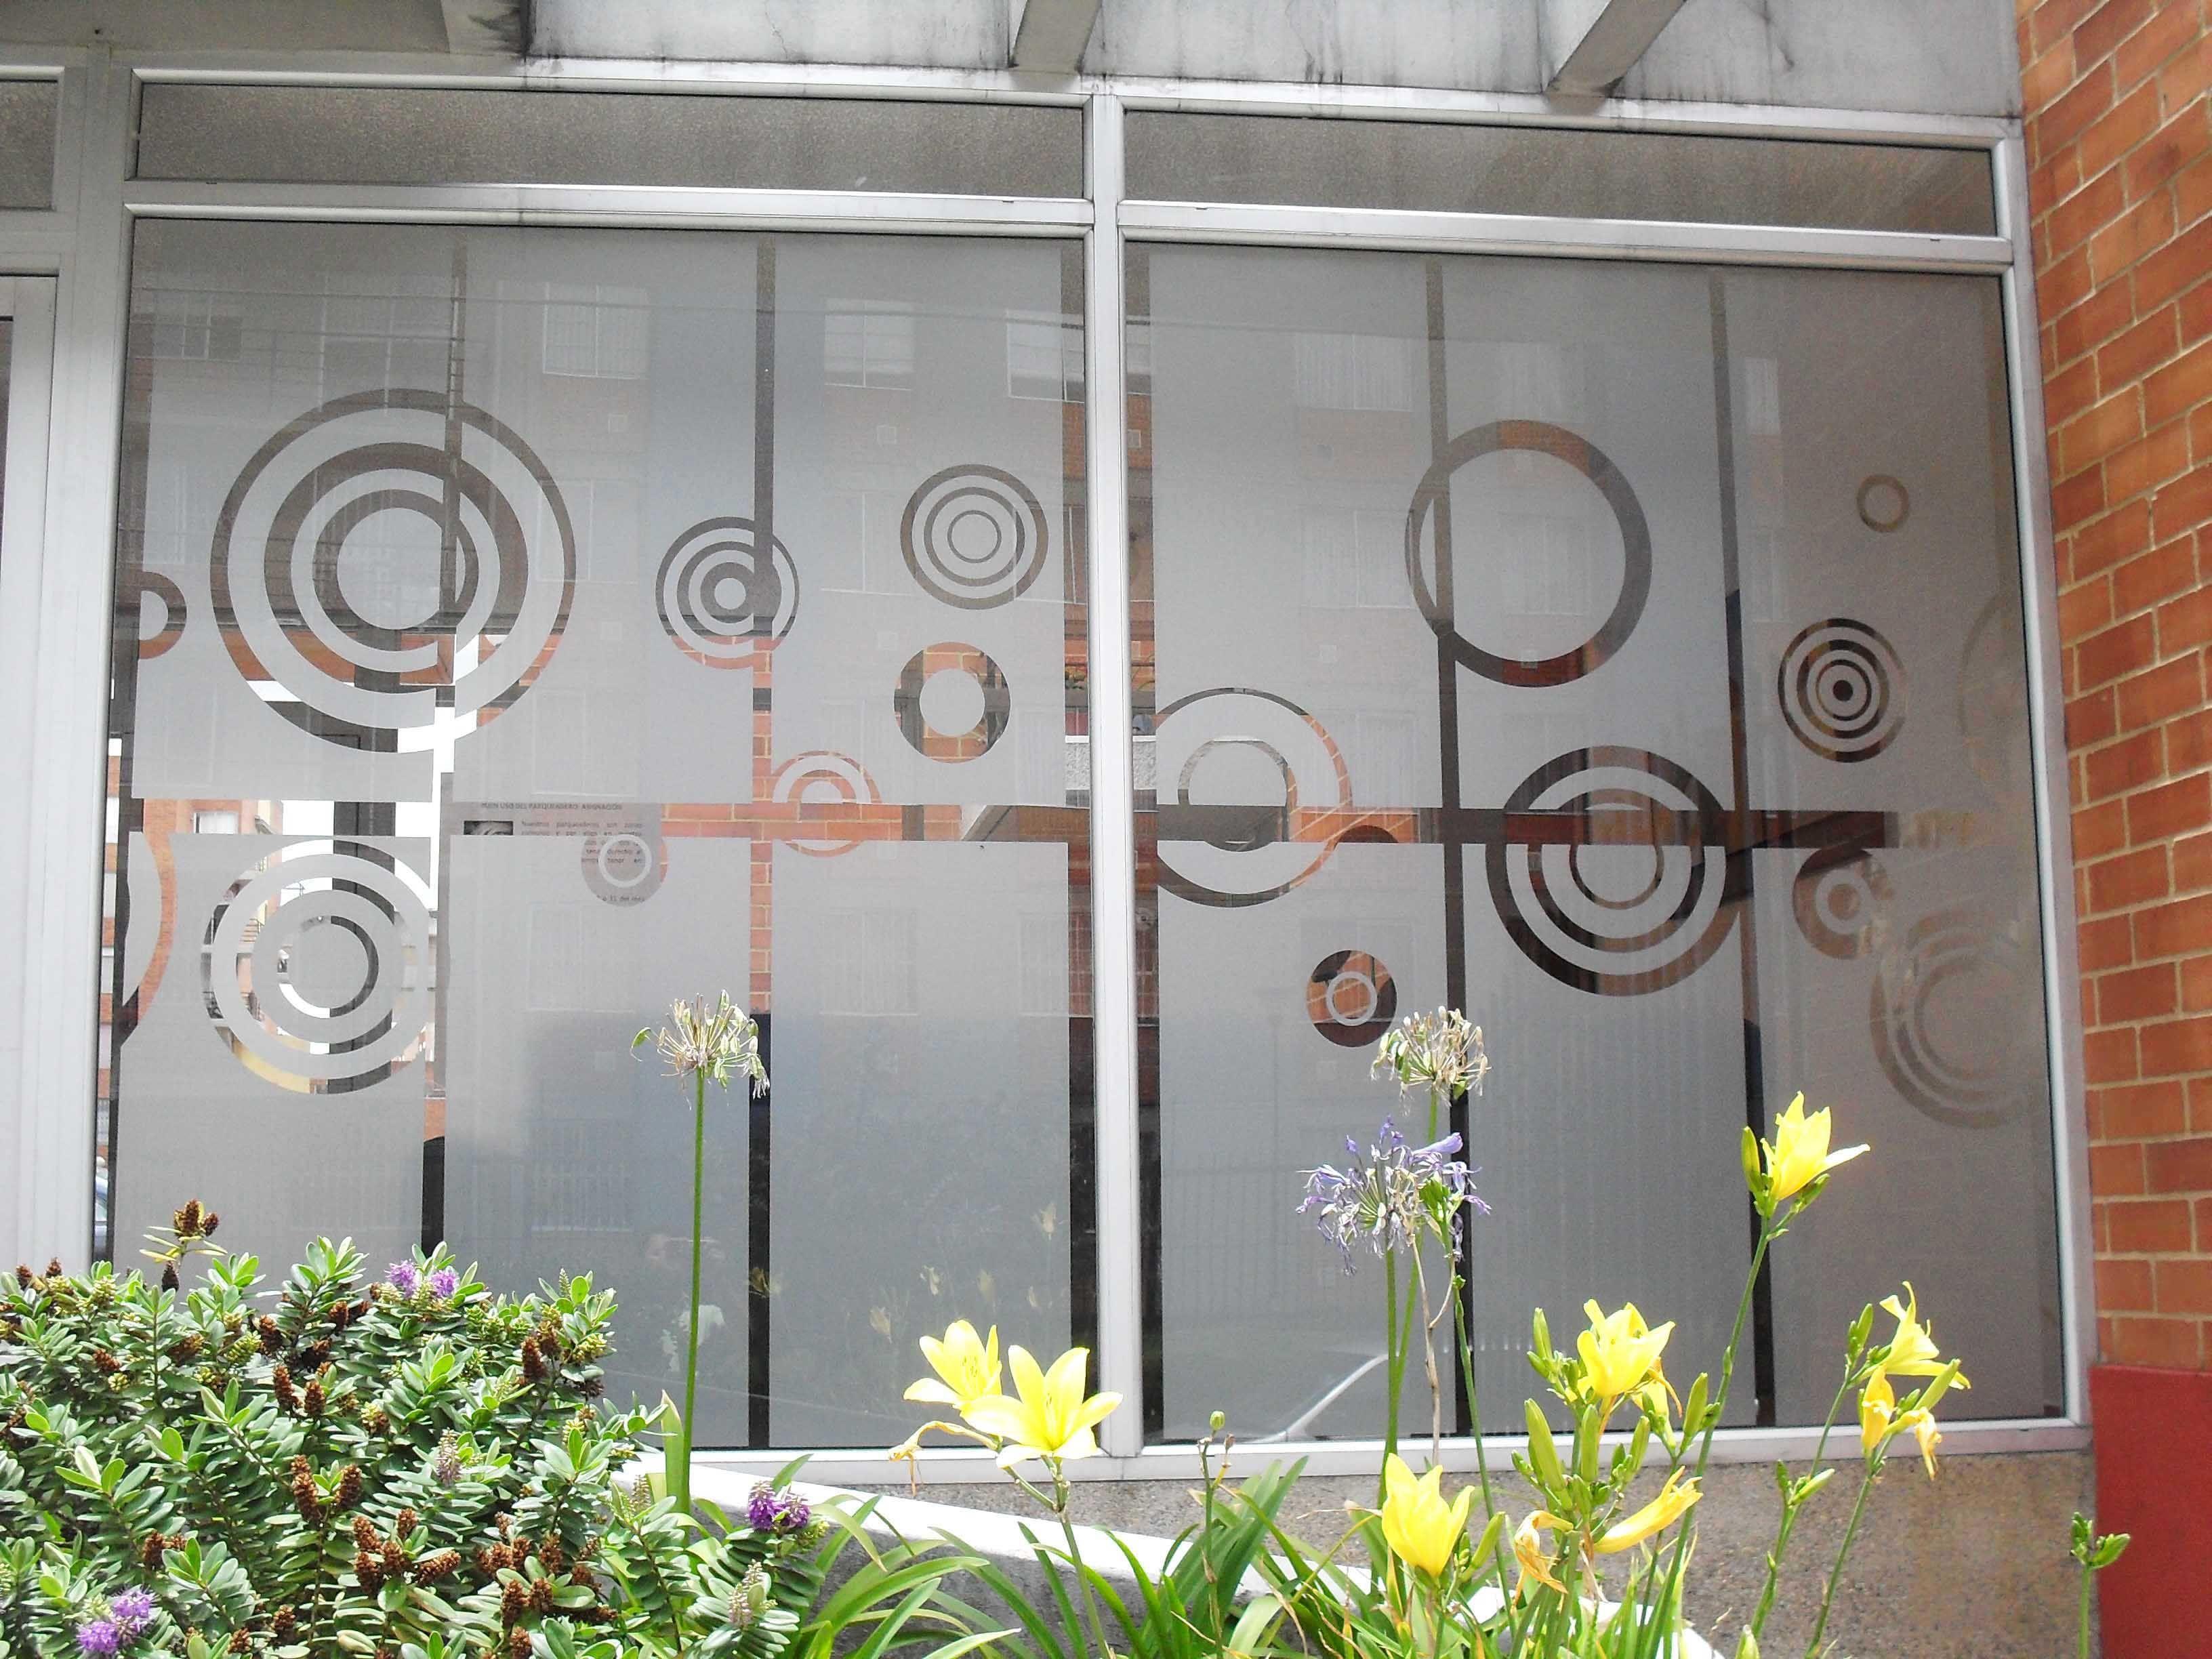 Fernando urrea dise ador decoraciones monarca facebook - Decorar cristales de puertas ...